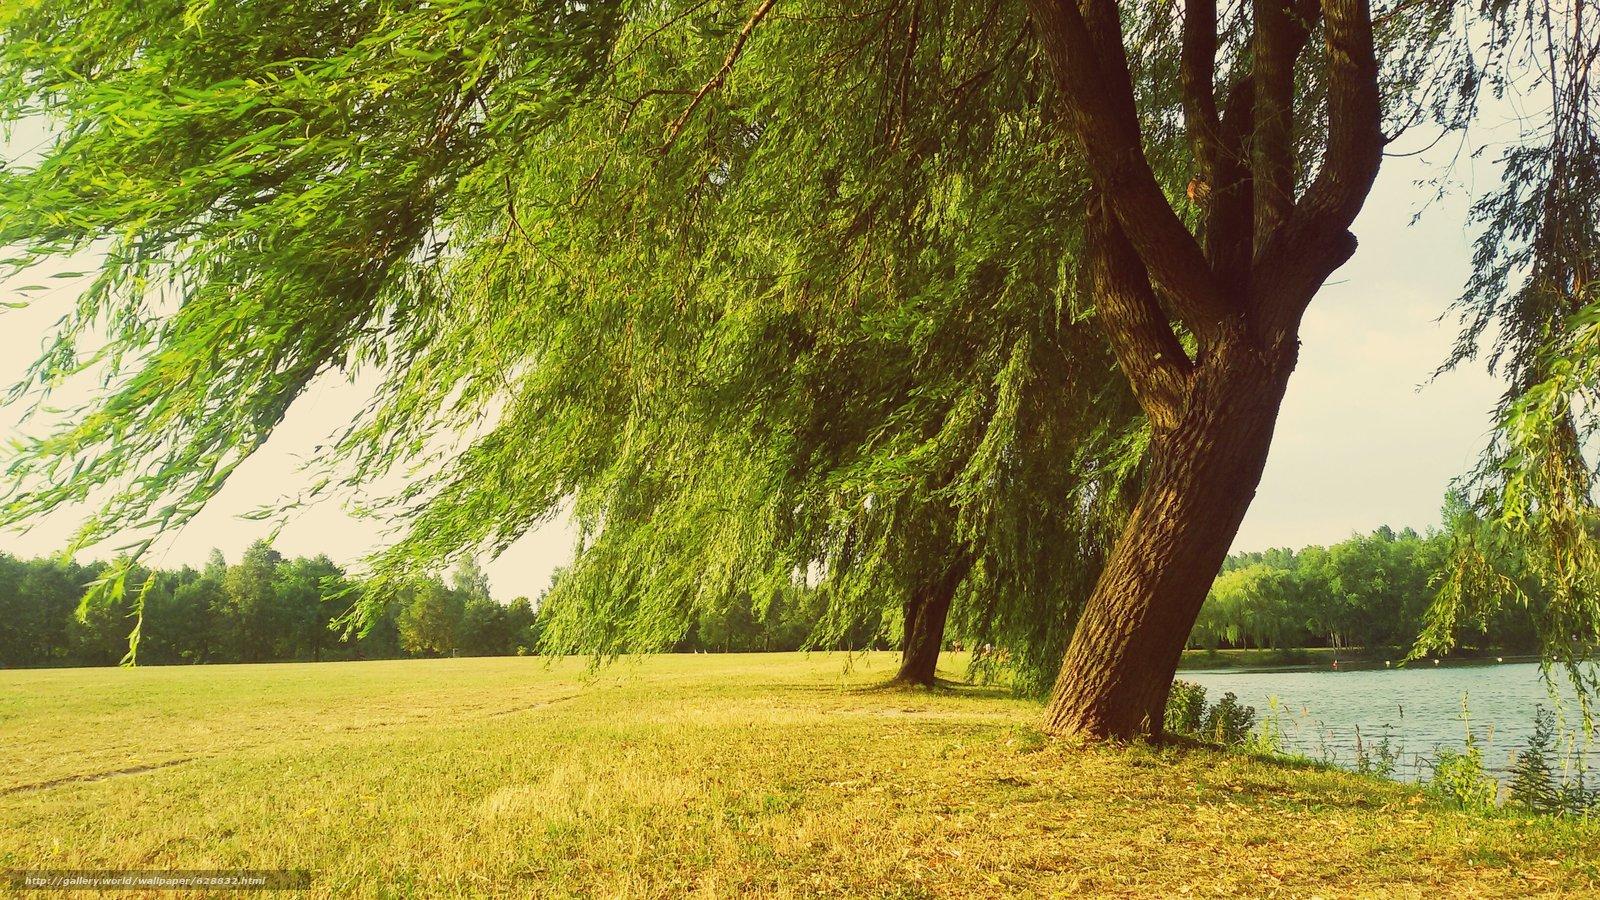 поле, деревья, река, пейзаж